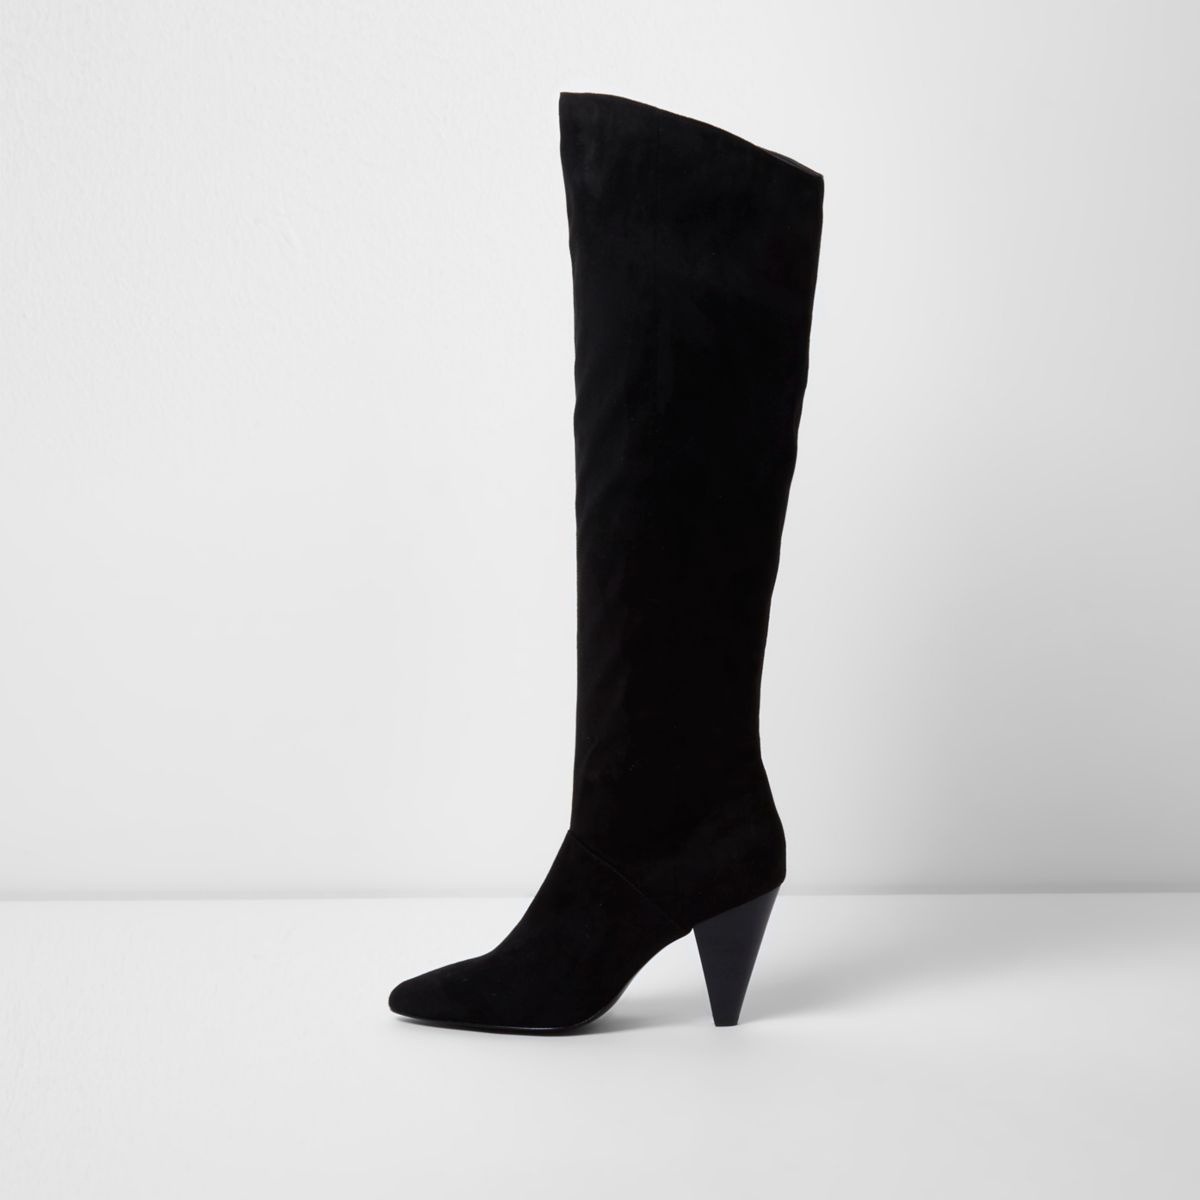 Black knee high cone heel boots